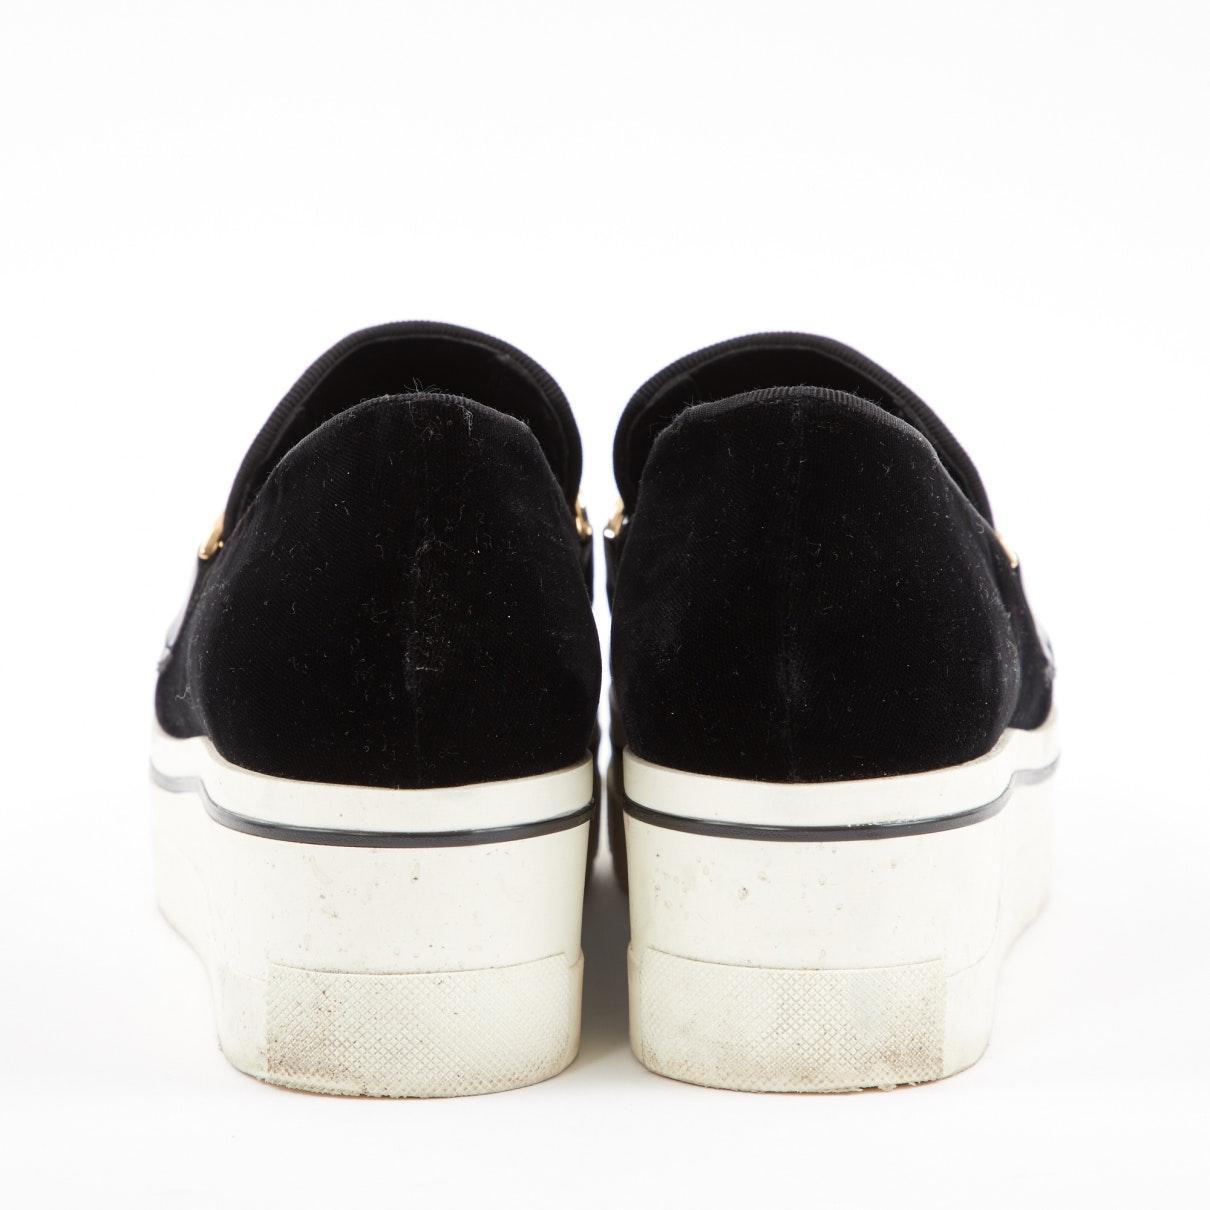 Mocasines en terciopelo negro Stella McCartney de Terciopelo de color Negro